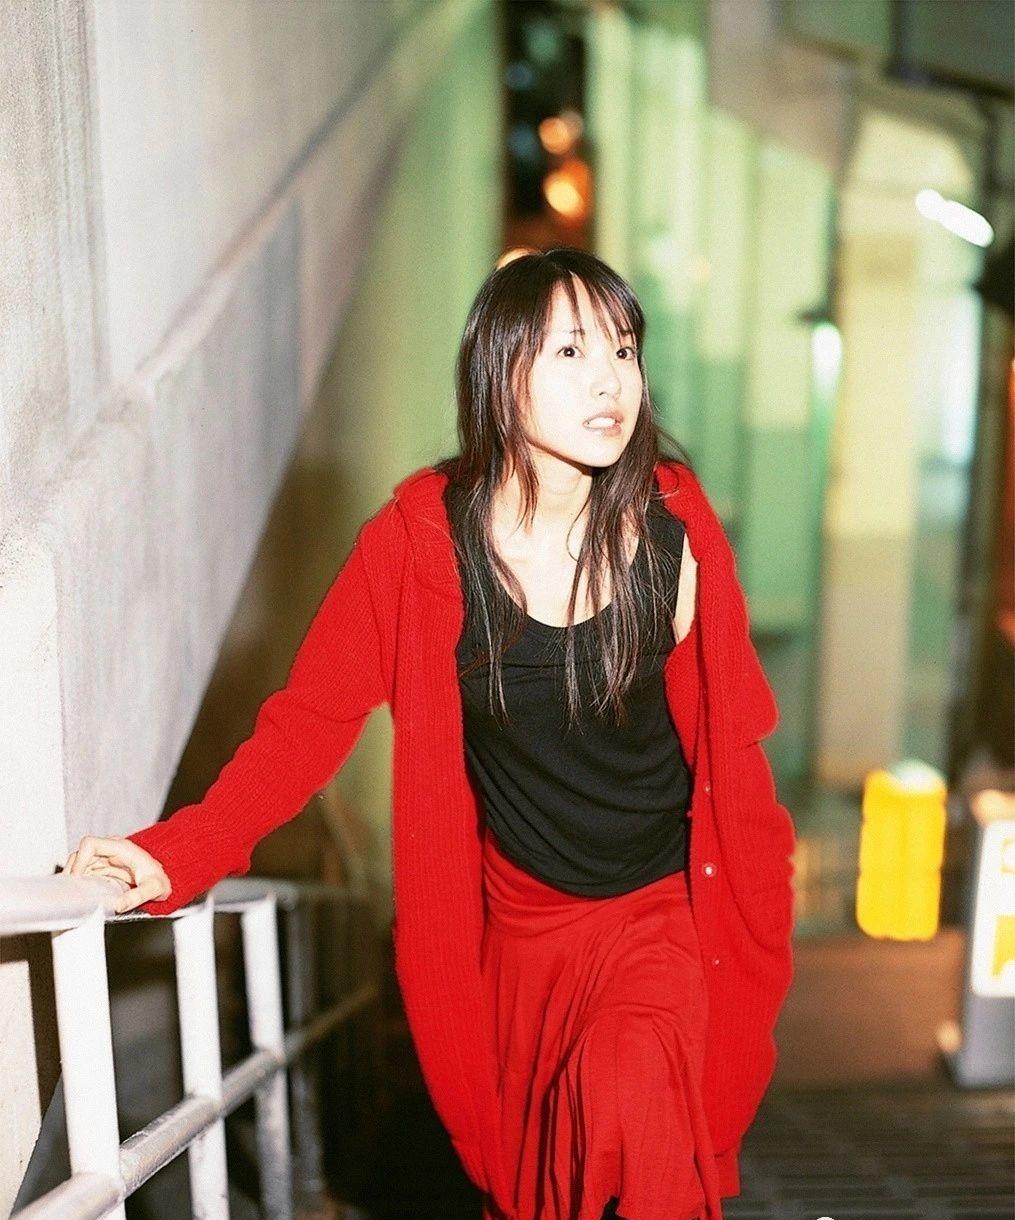 美的不可方物少女时代的户田惠梨香写真作品 (76)